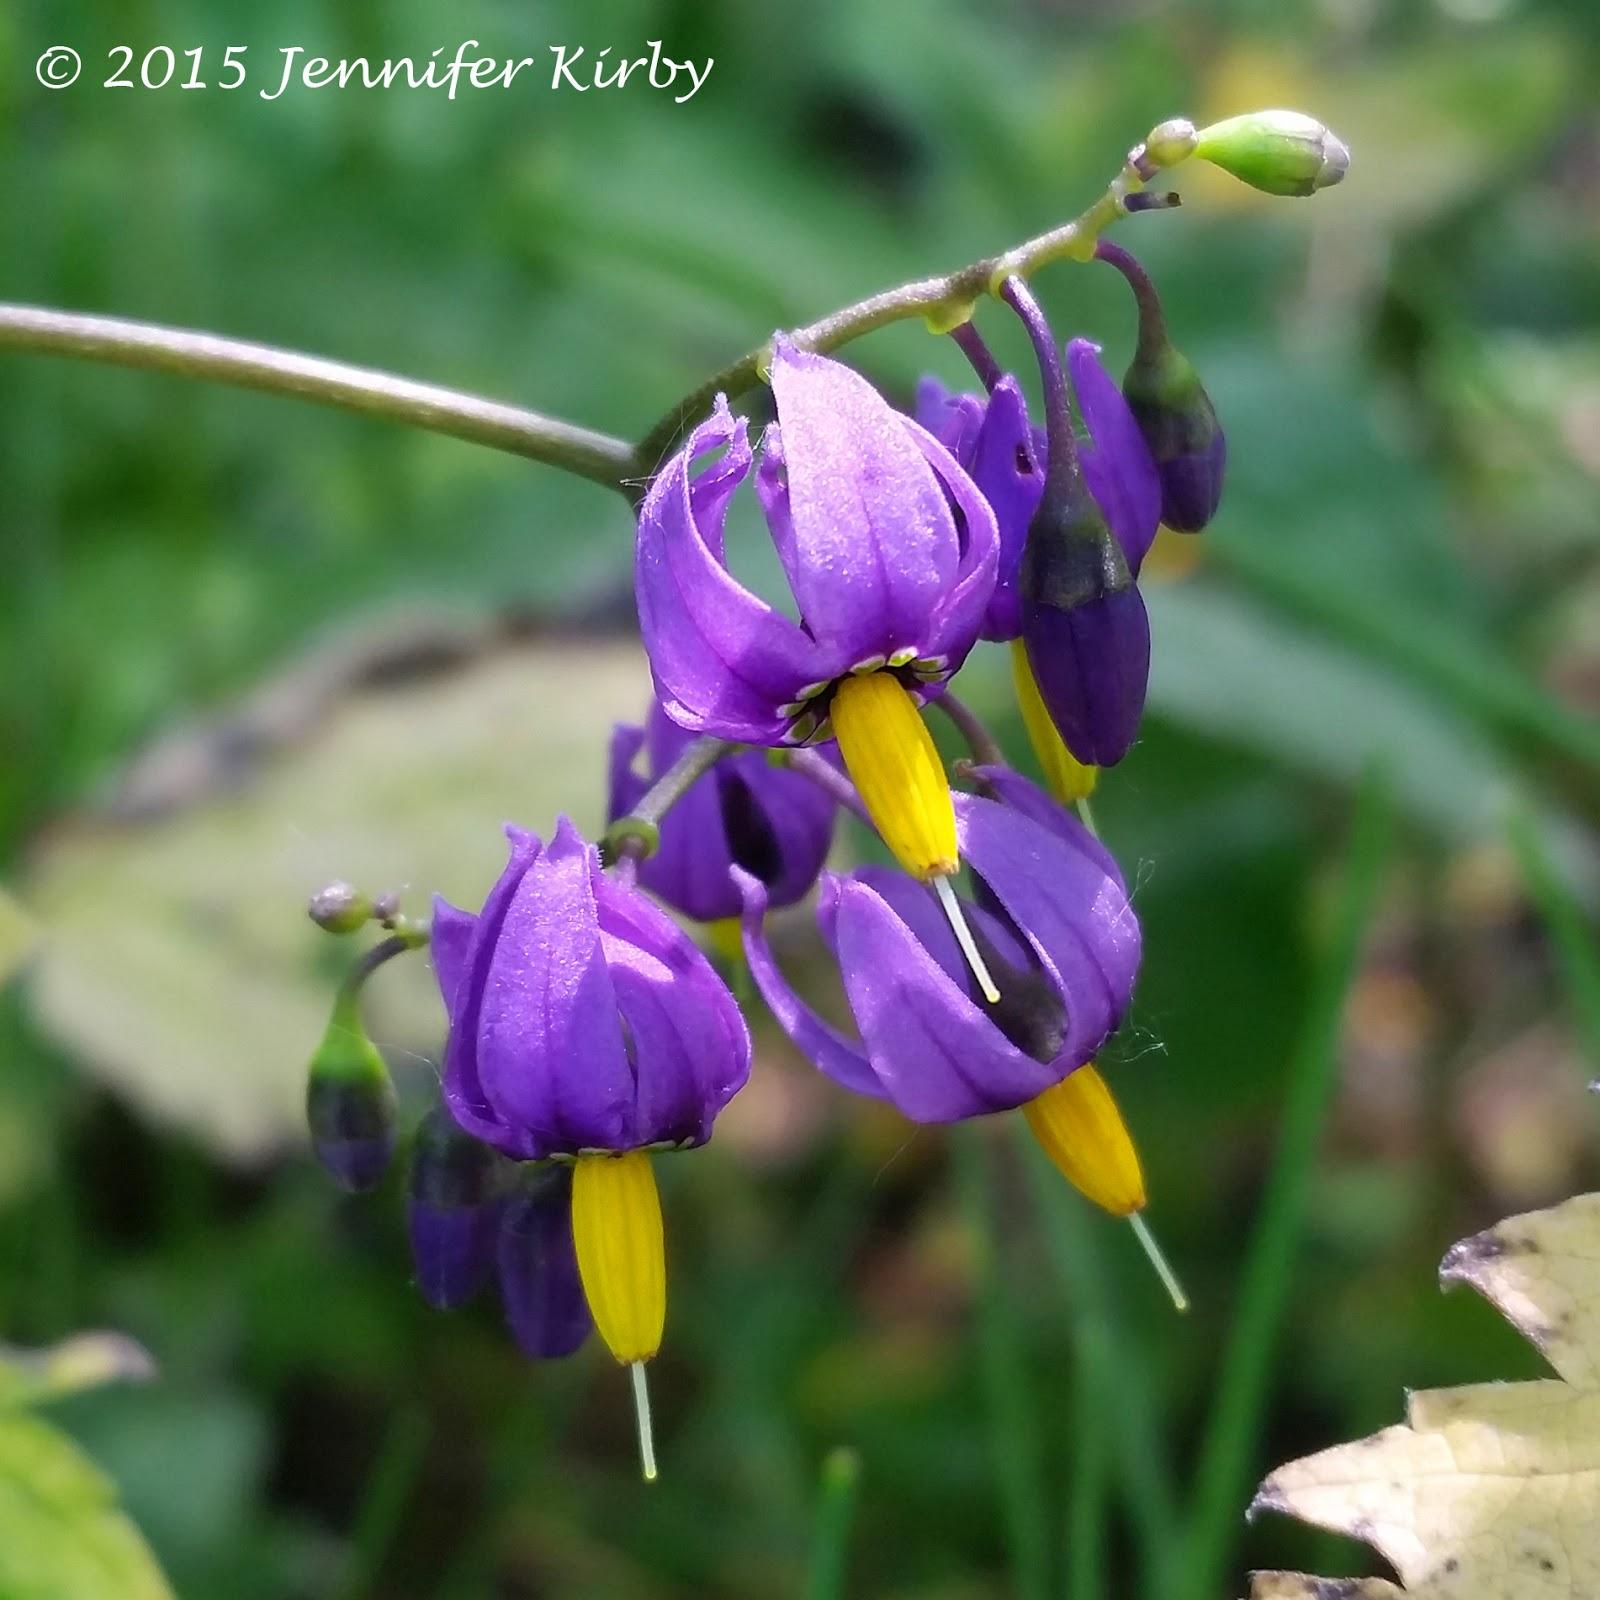 Purple Flowers With Yellow Centers Savingourboysfo